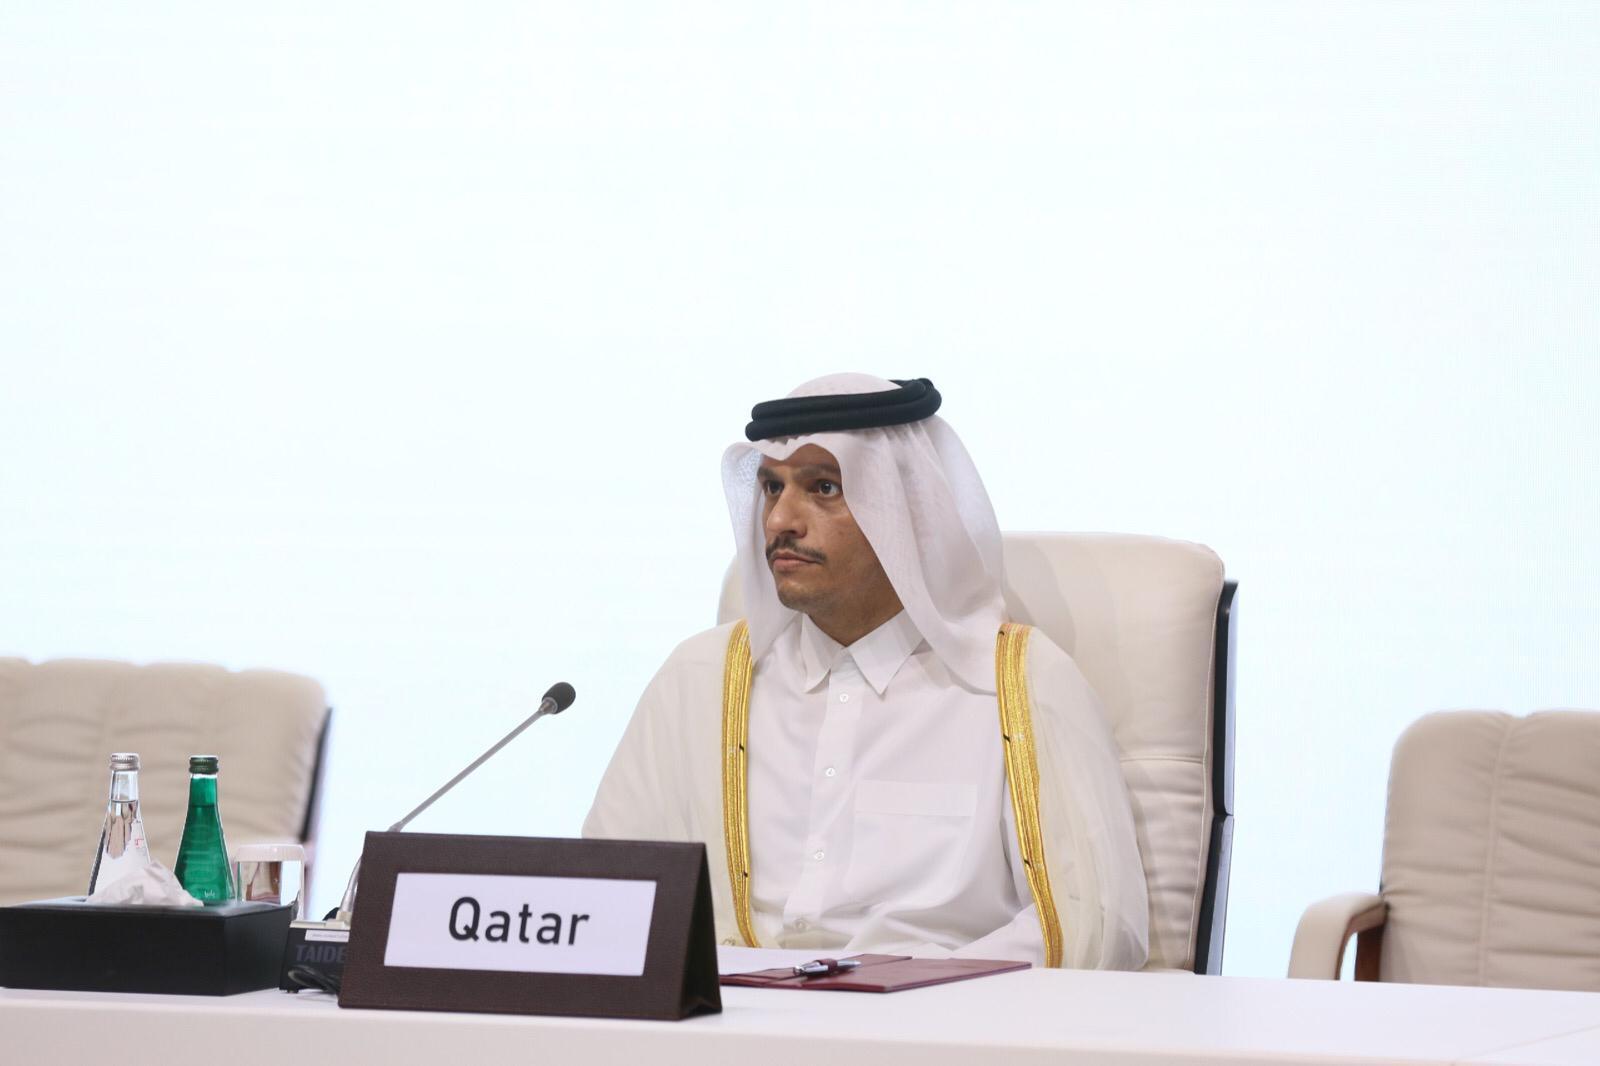 نائب رئيس مجلس الوزراء وزير الخارجية: مفاوضات الدوحة تسعى للتوصل إلى حل يحقق السلام للشعب الأفغاني ويلبي طموحاته